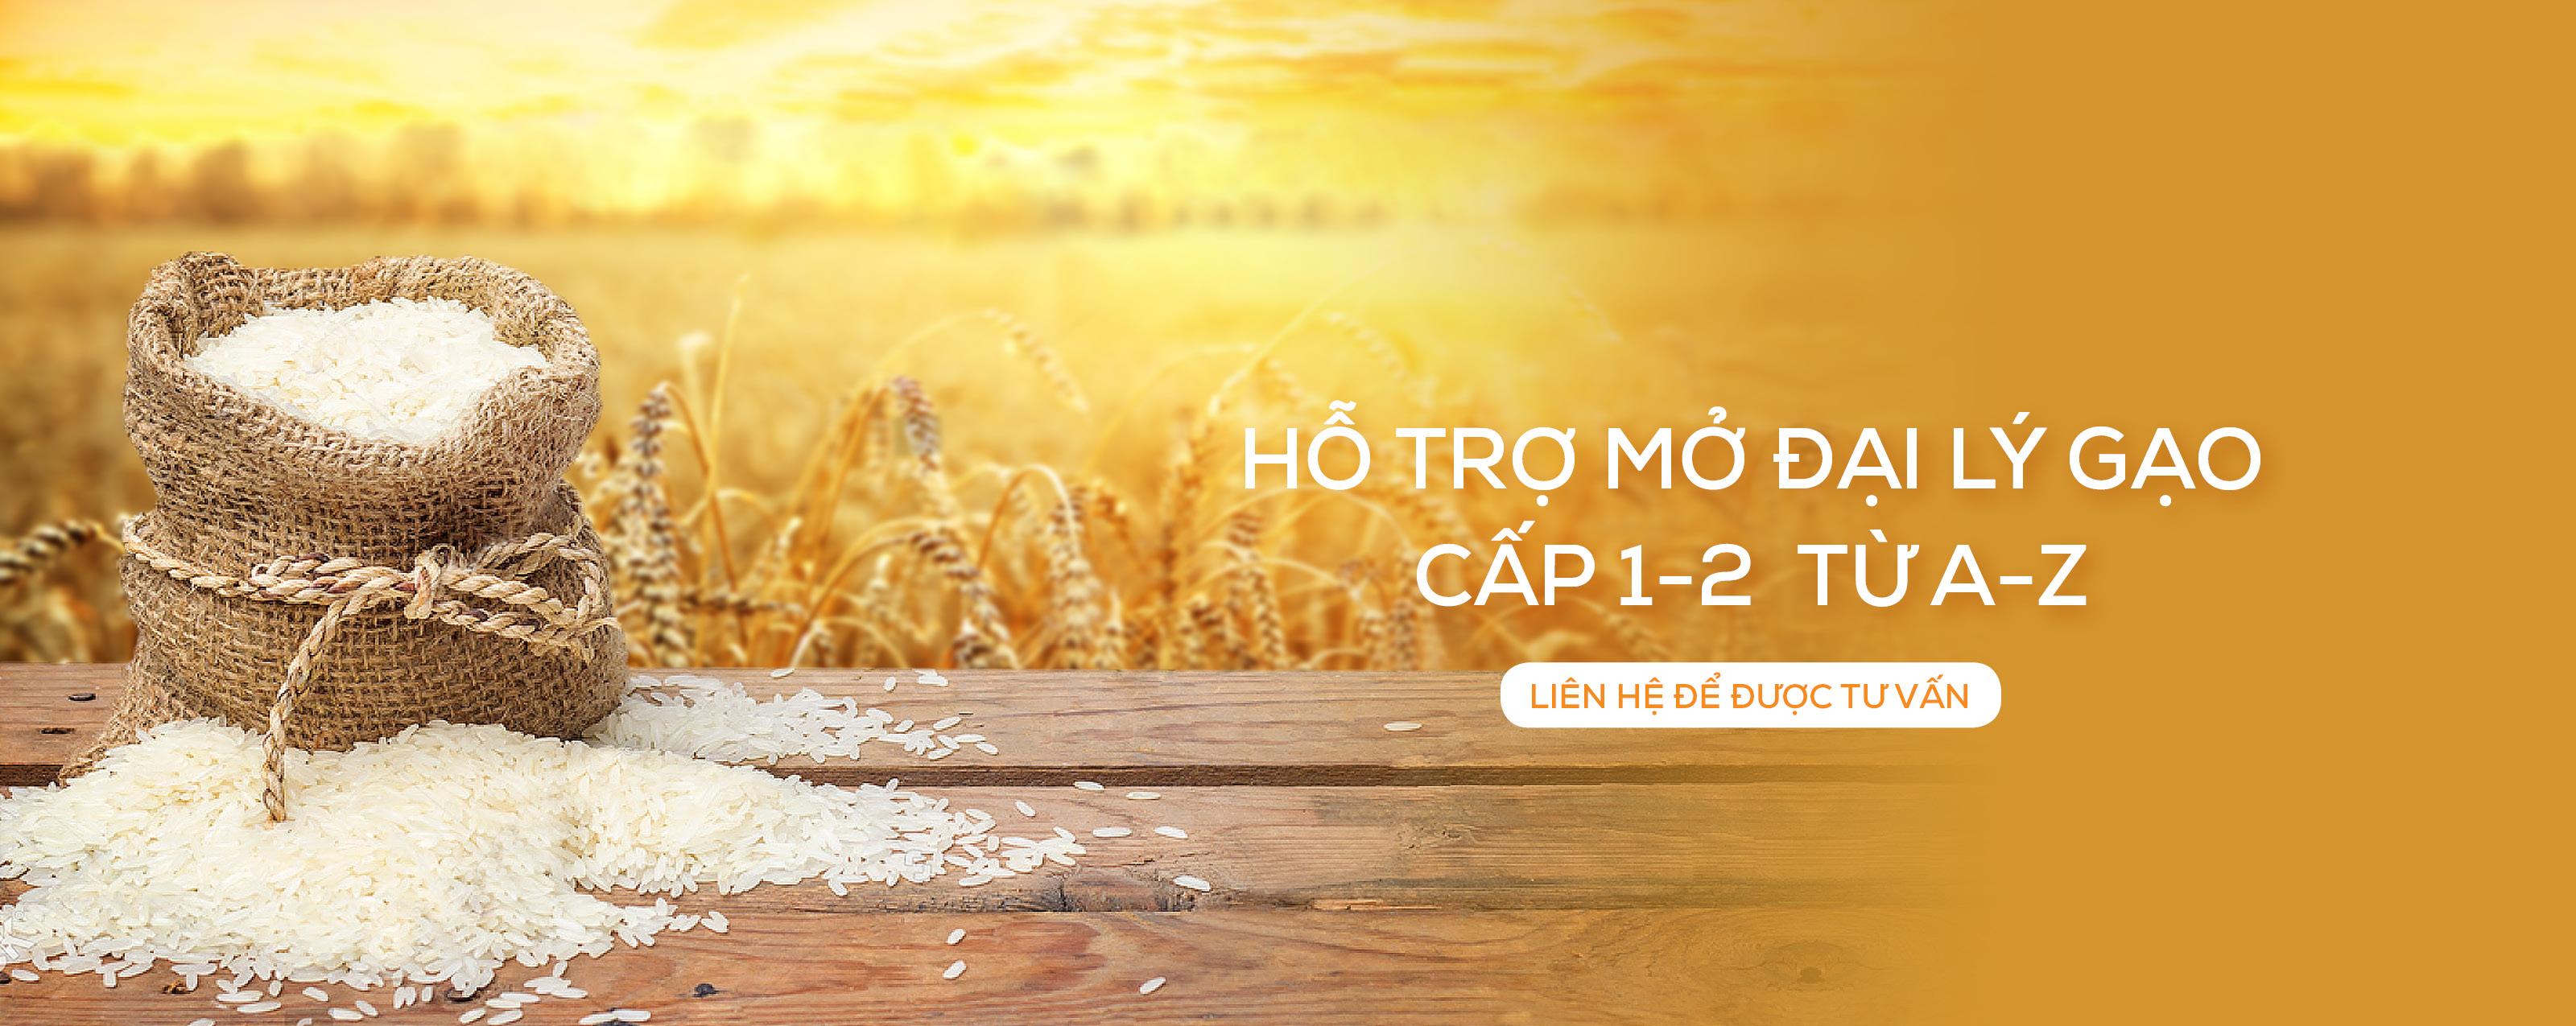 Hỗ trợ mở đại lý gạo